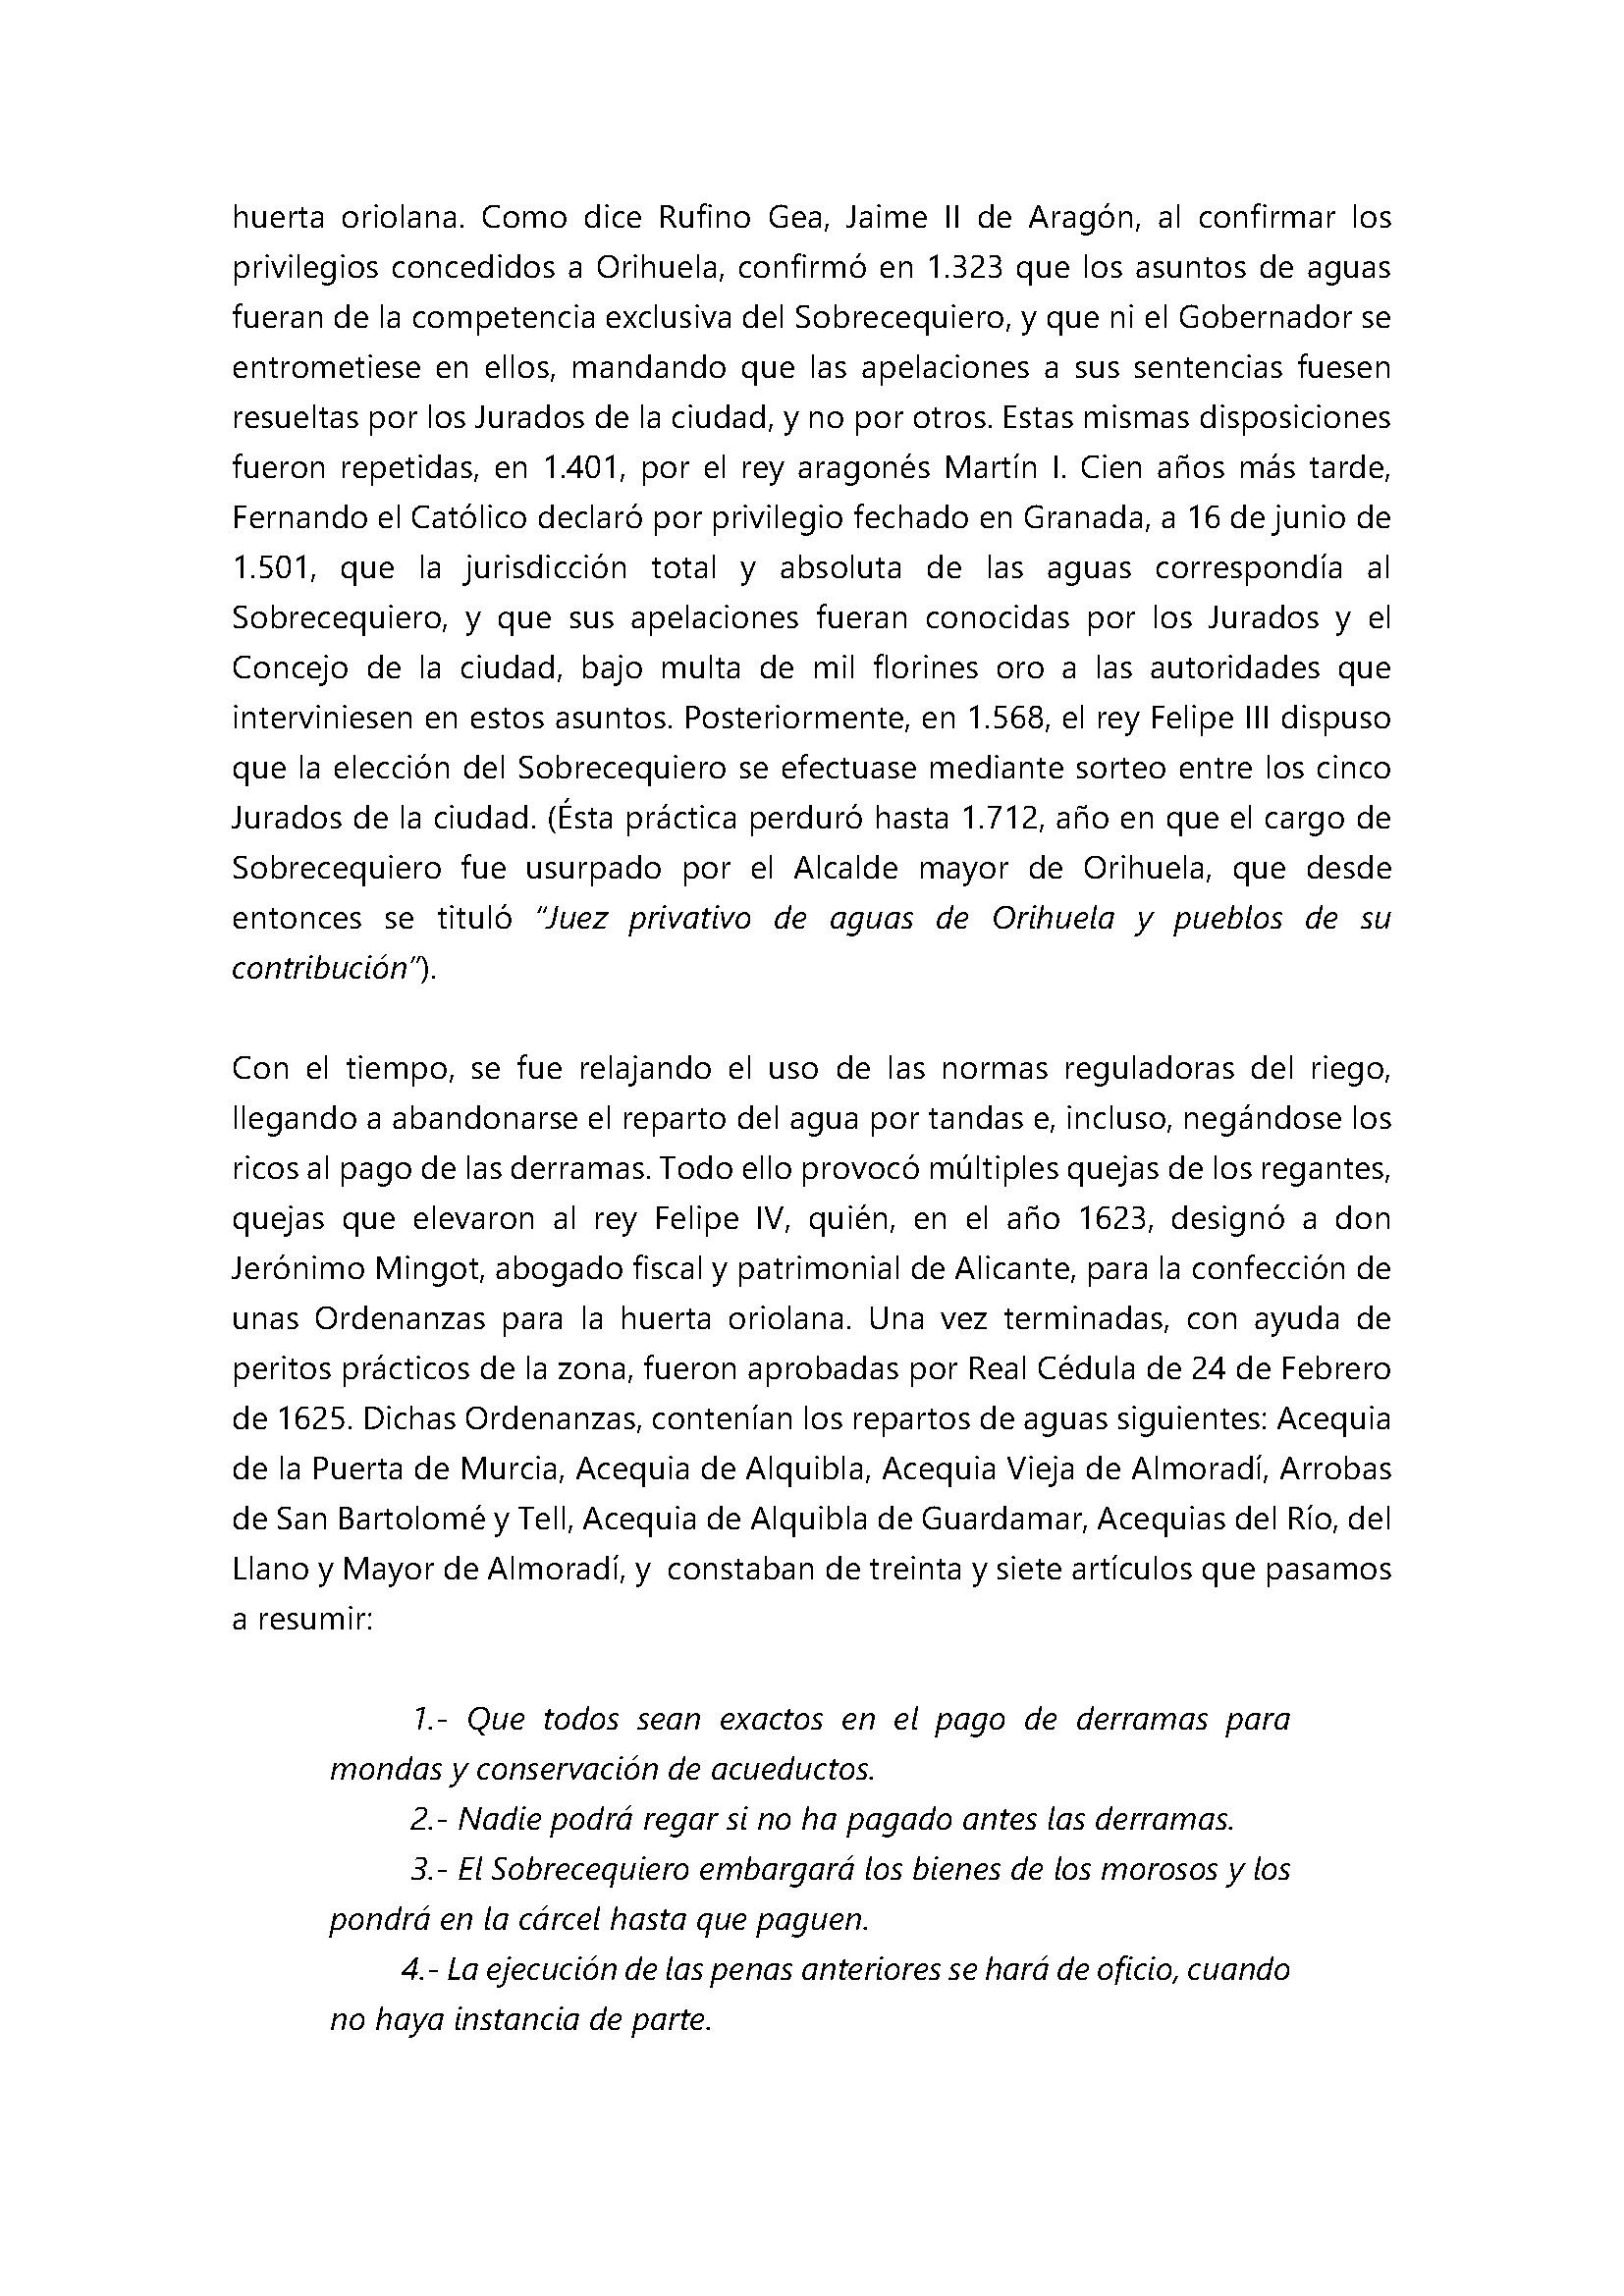 Breve noticia histórica sobre la normativa reguladora del regadío en el Juzgado de Aguas de Orihuela_Página_4